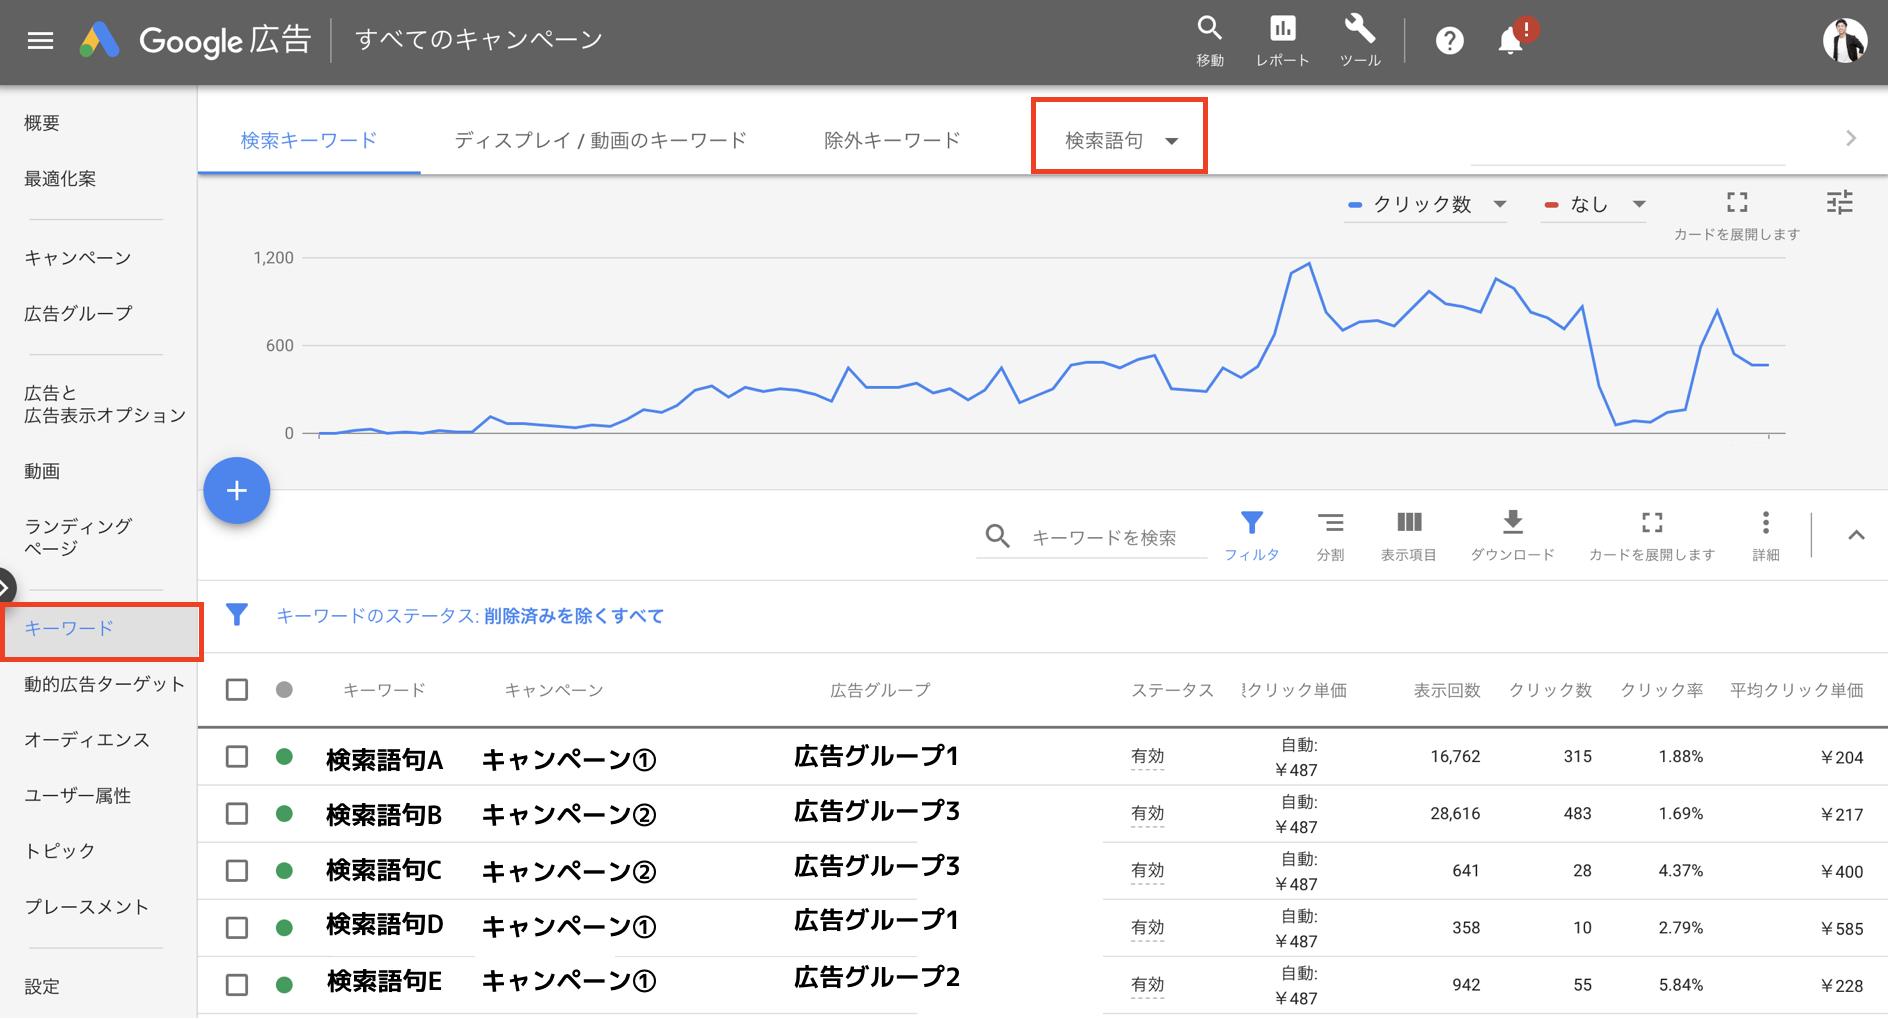 検索語句レポート